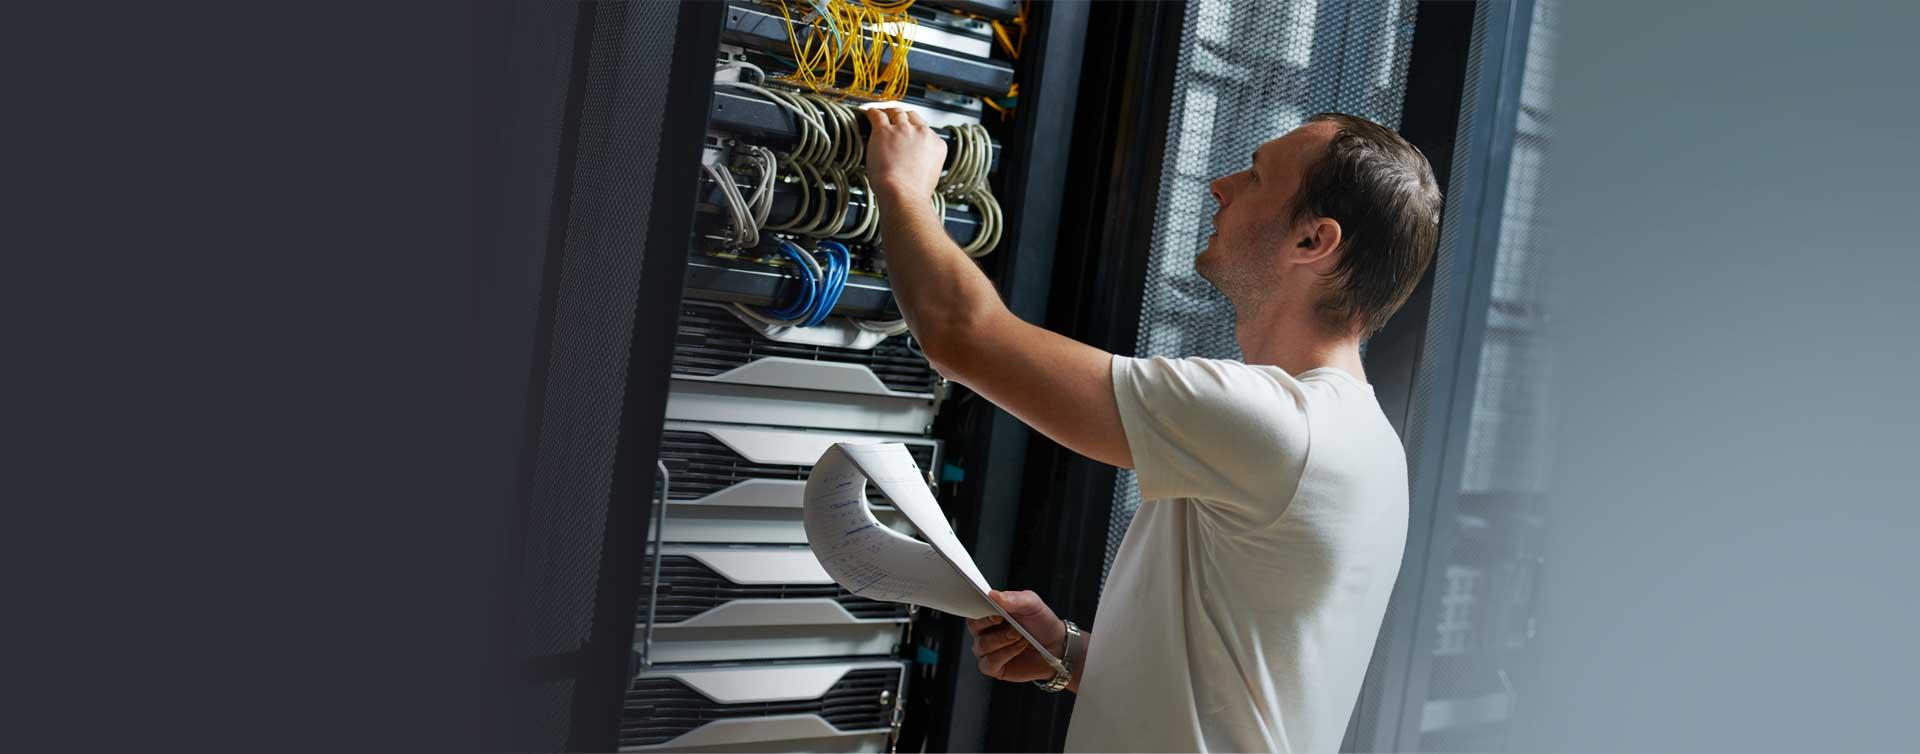 integrare de sisteme IT